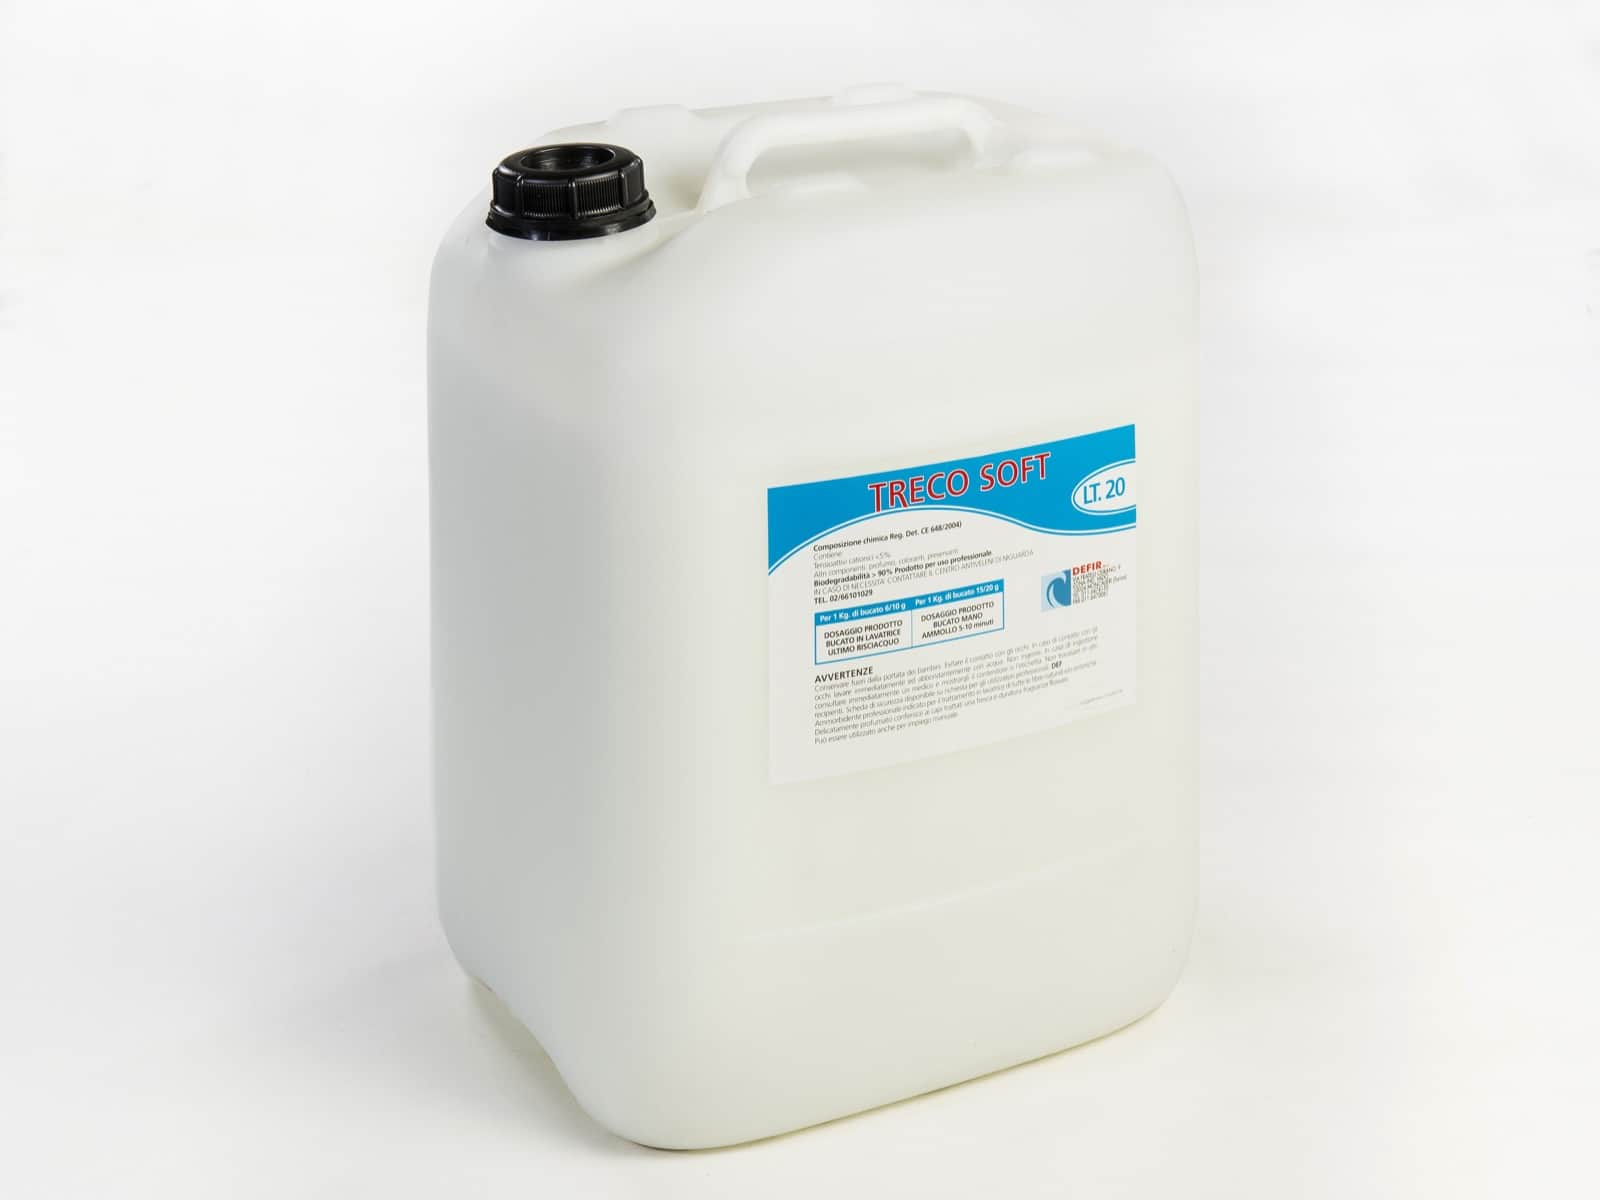 Treco Soft lavatrice ammoridente concentrato profumato 20l - Defir detergenti Moncalieri Torino